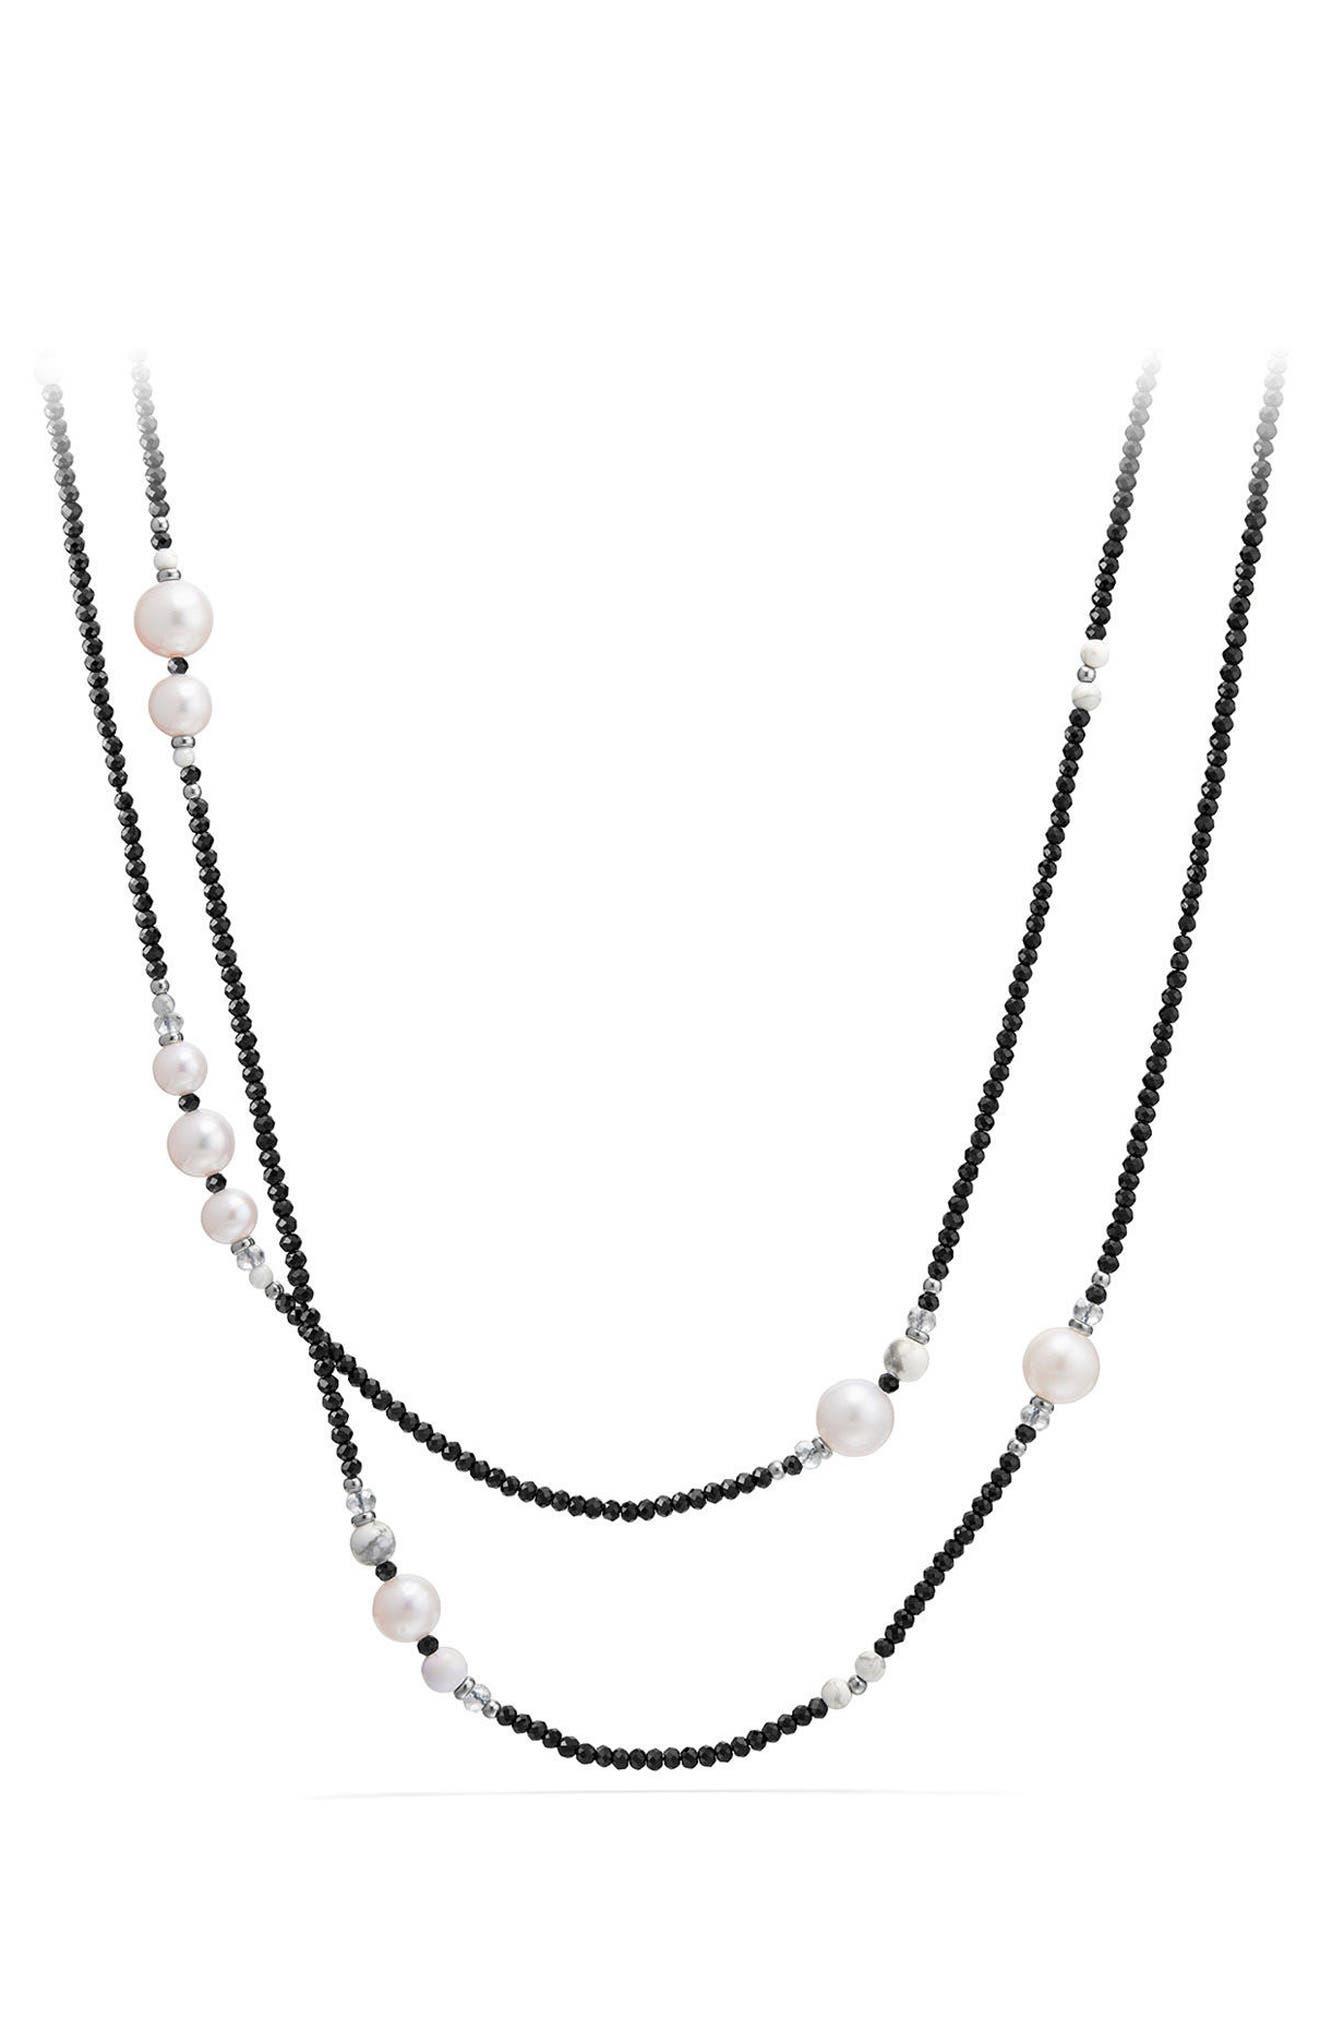 Solari - Tweejoux Pearl Necklace,                         Main,                         color, Pearl/ Black Spinel